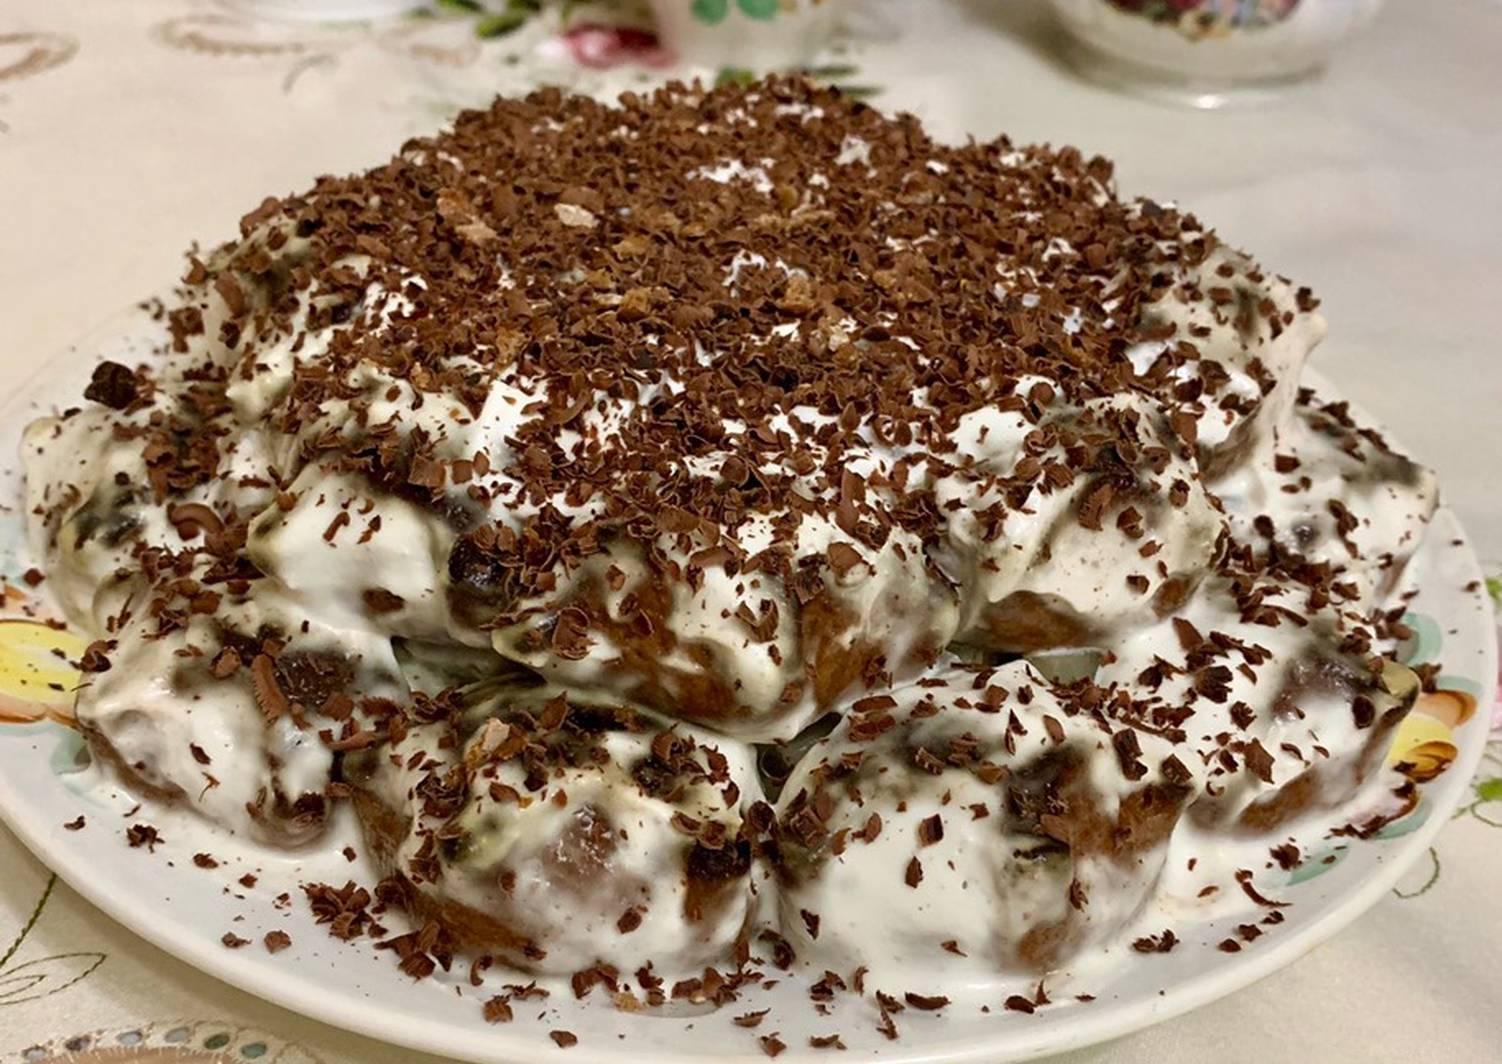 торт из пряников рецепт с фото представлен большой ассортимент